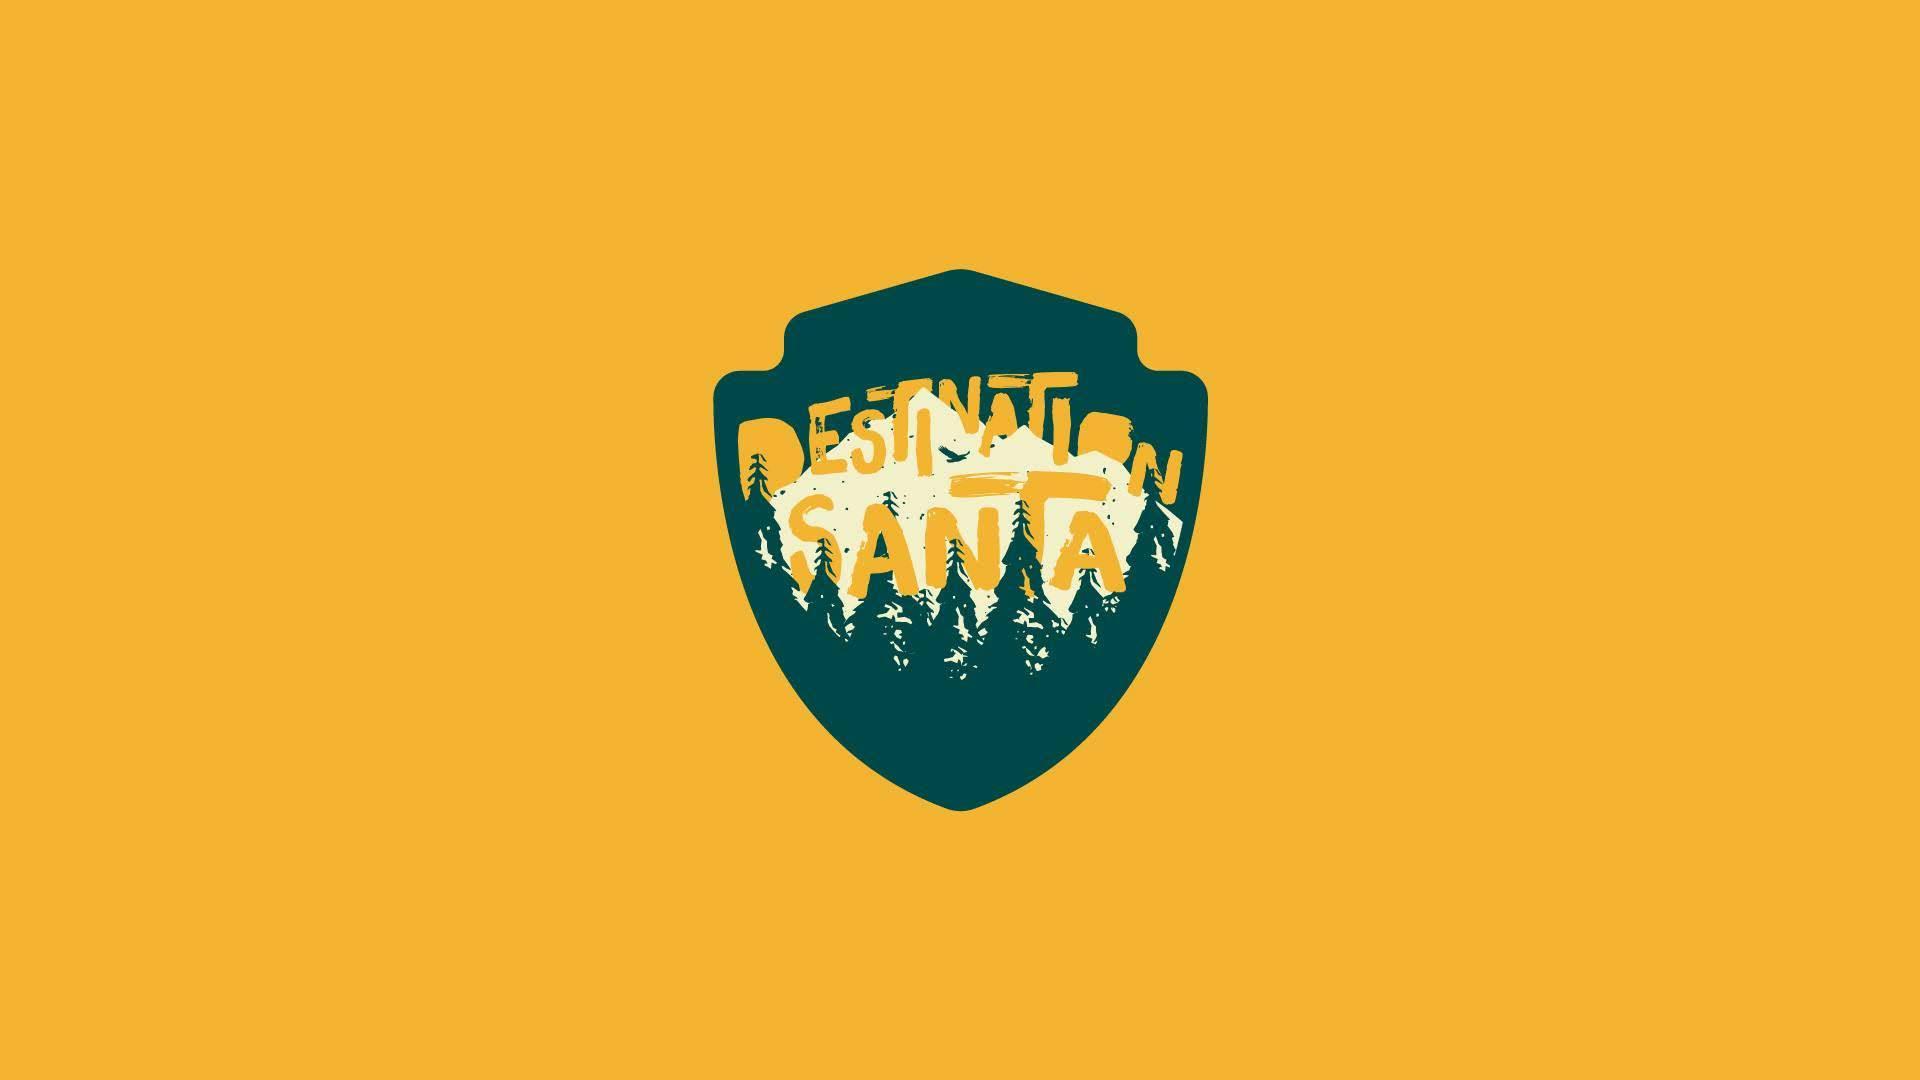 destinationsanta-header-logo